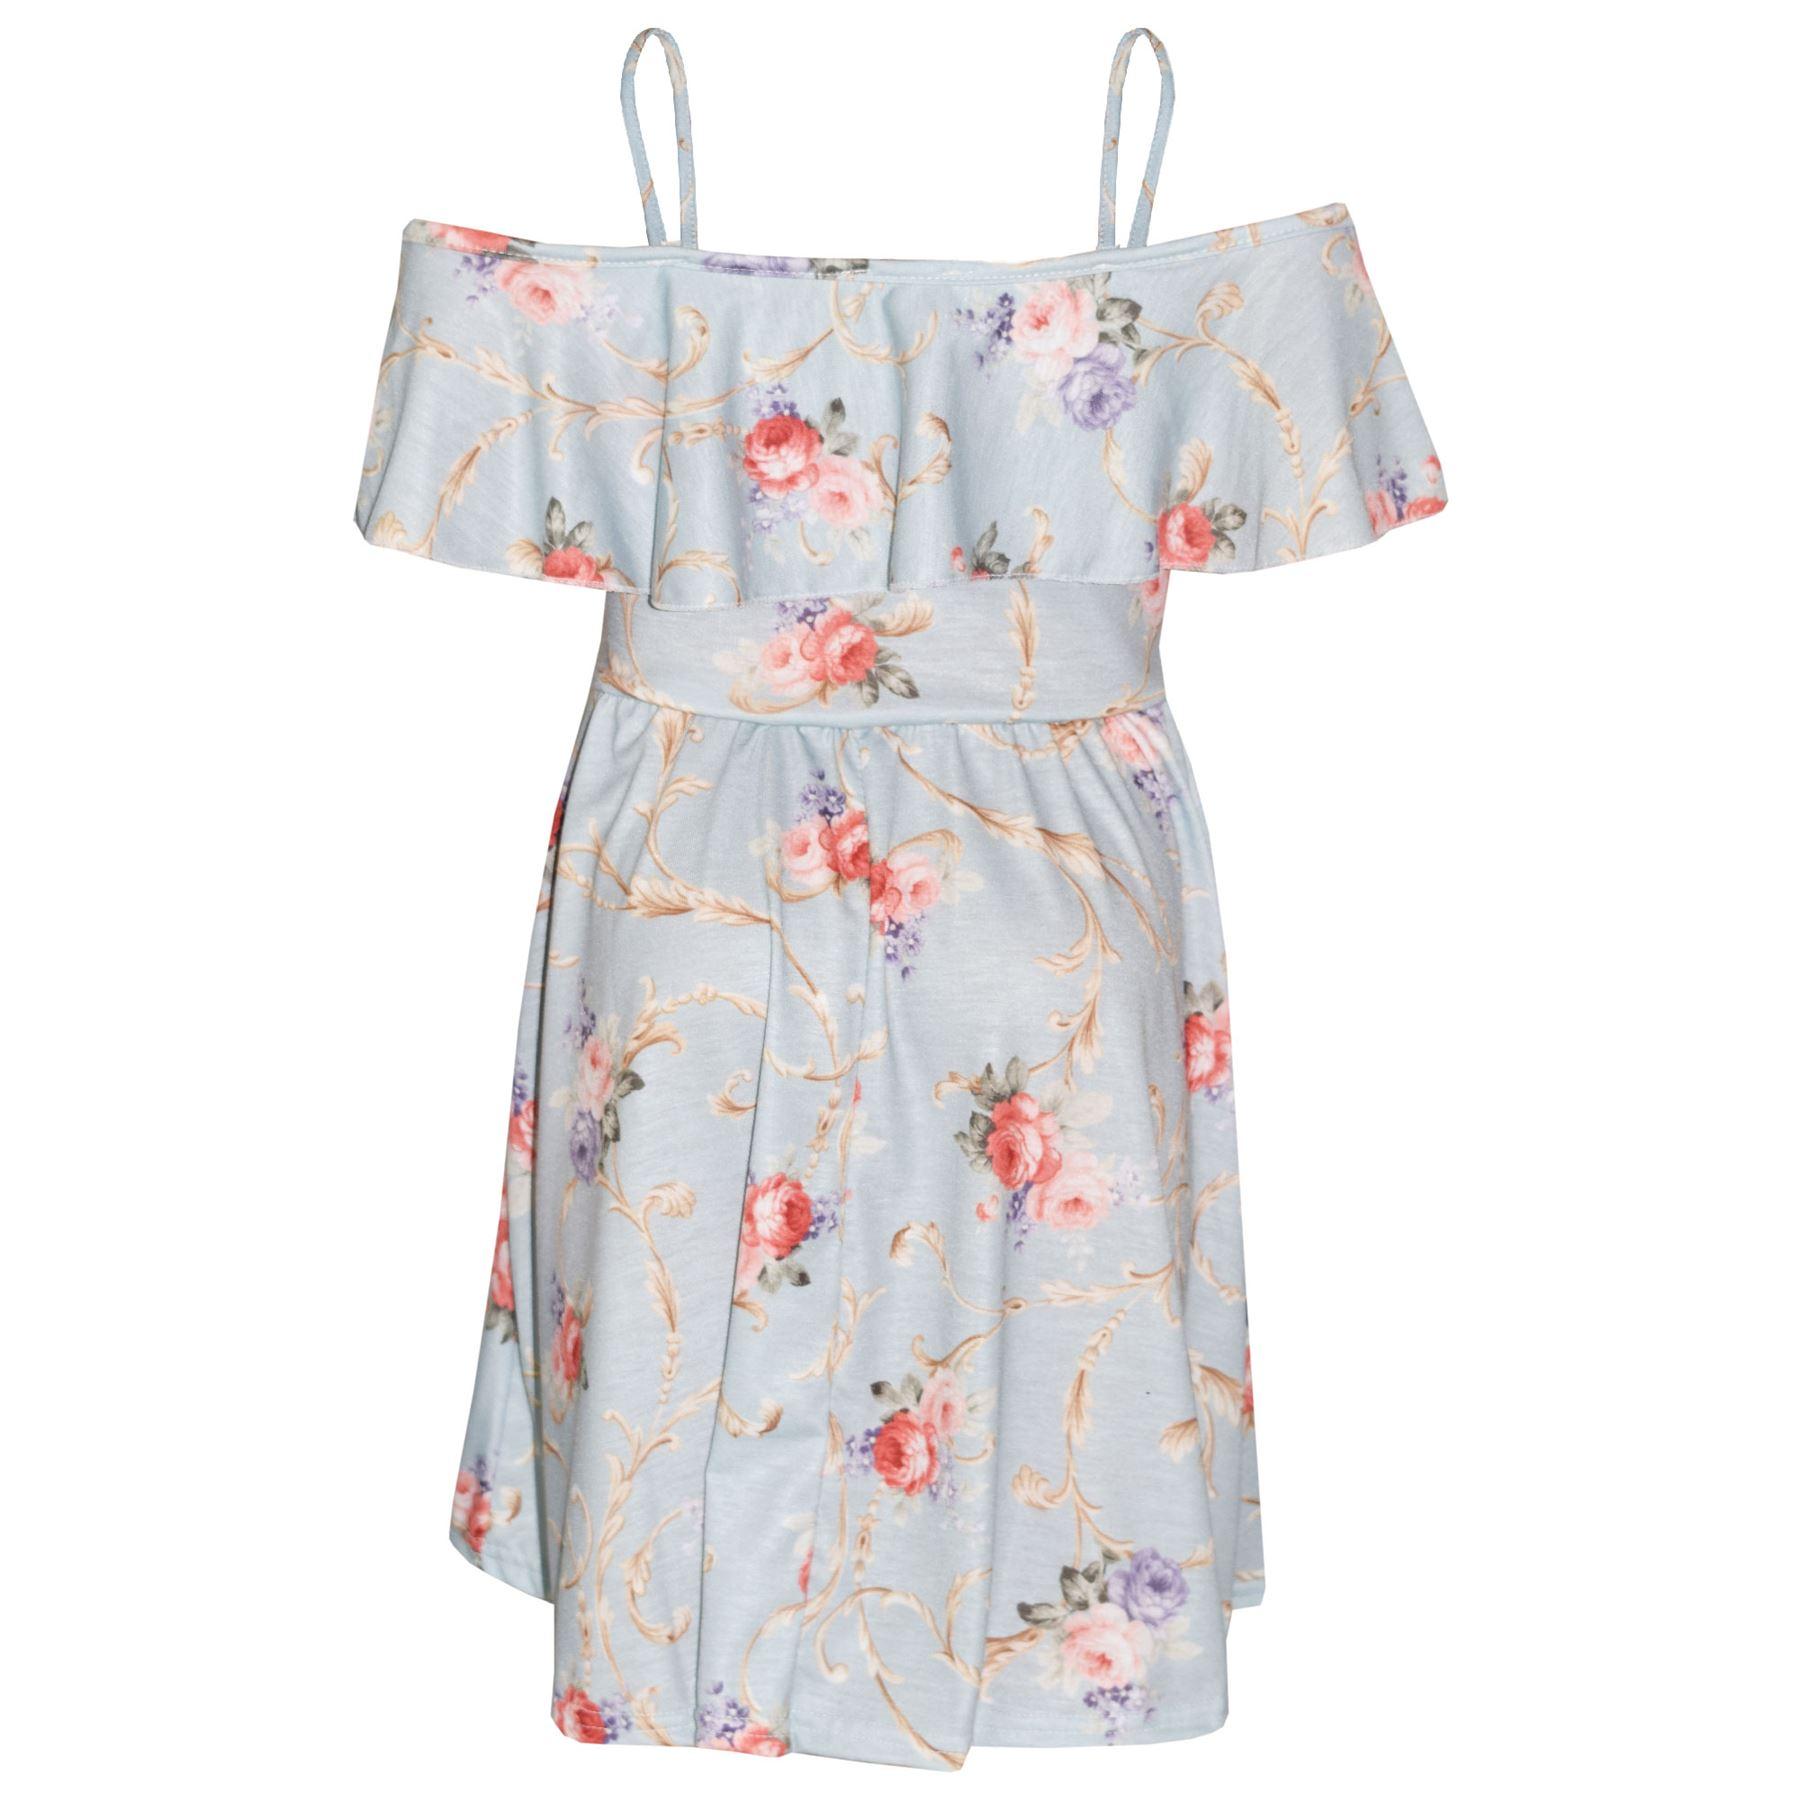 Kids-Girls-Skater-Dress-Floral-Print-Summer-Party-Fashion-Off-Shoulder-Dresses thumbnail 14